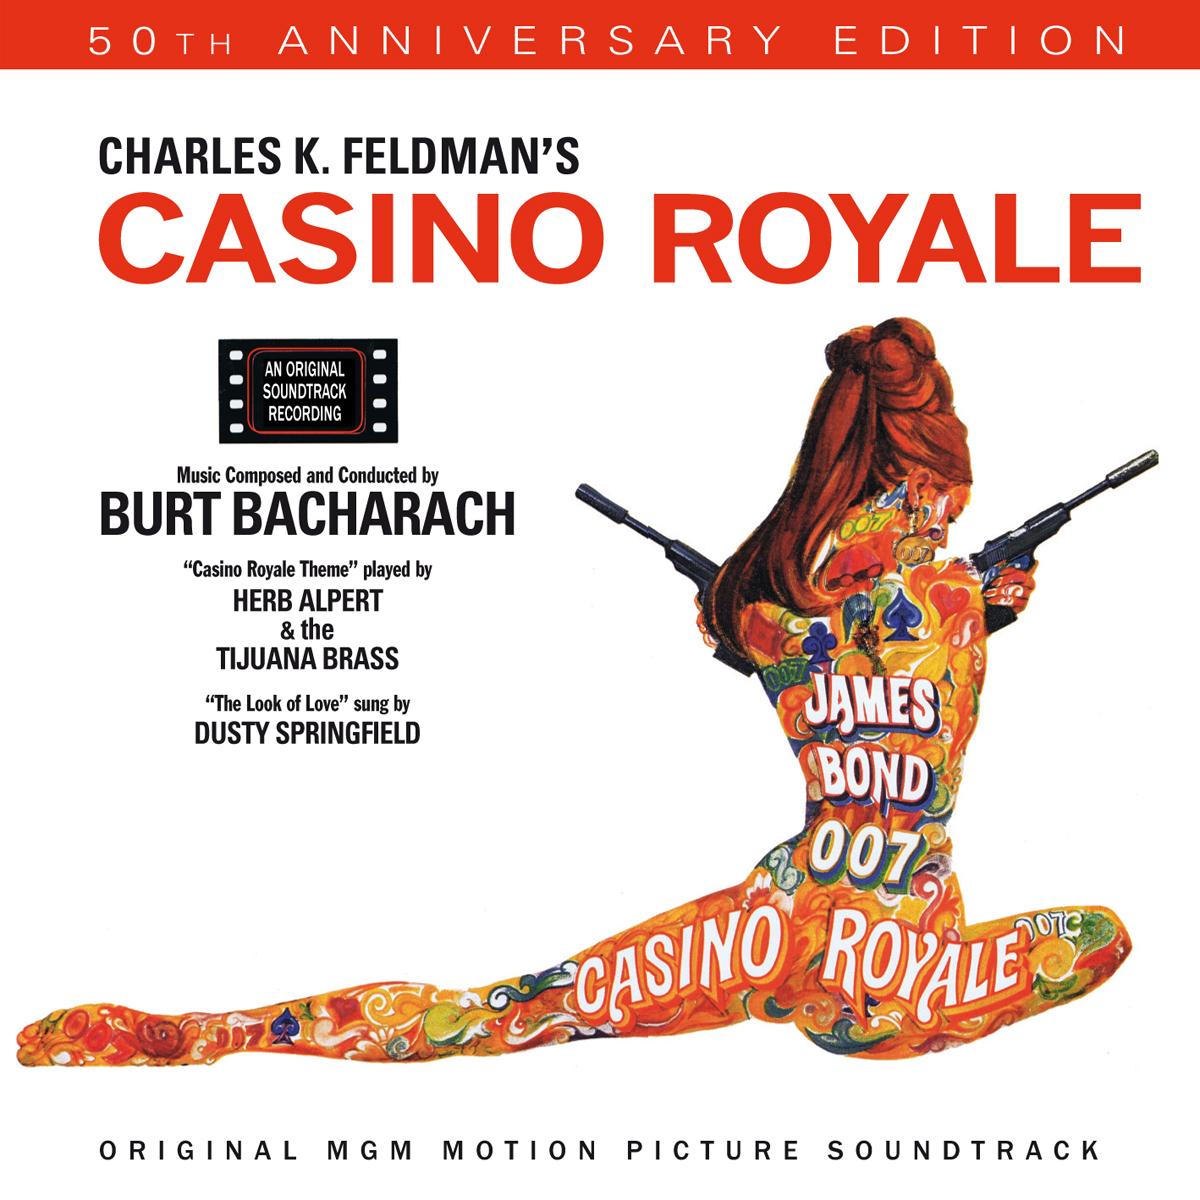 Музыка казино рояль джеймс бонд обменник играми игровые автоматы бесплатно